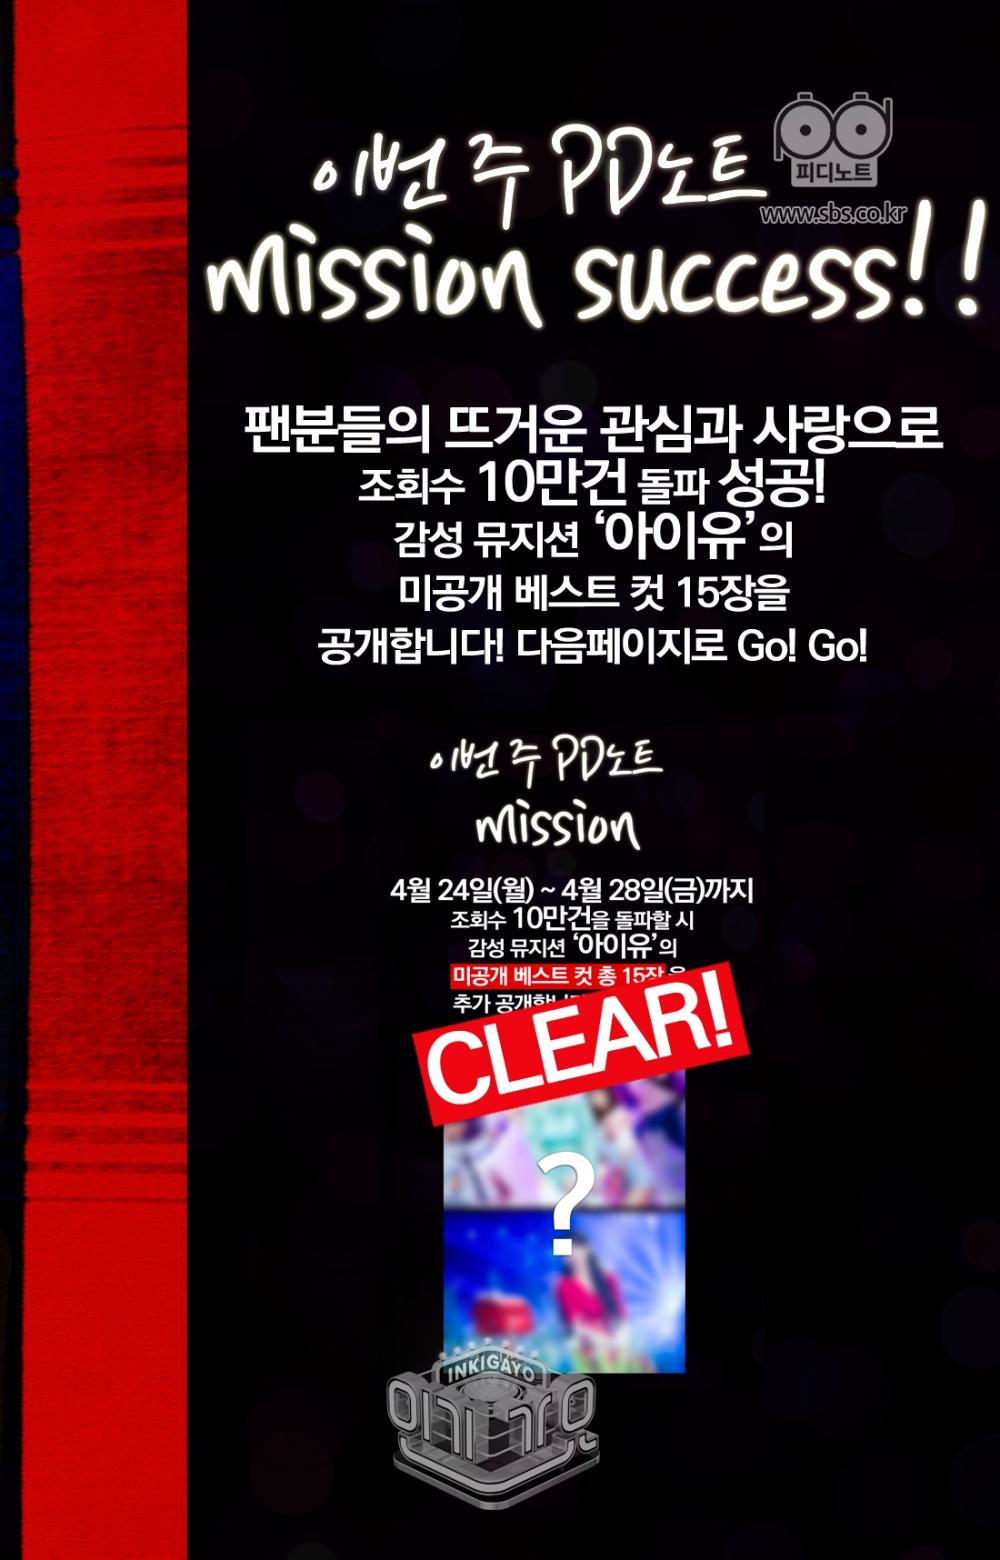 조회수 10만건 돌파 성공 아이유의 미공개포토 15장을 공개합니다.